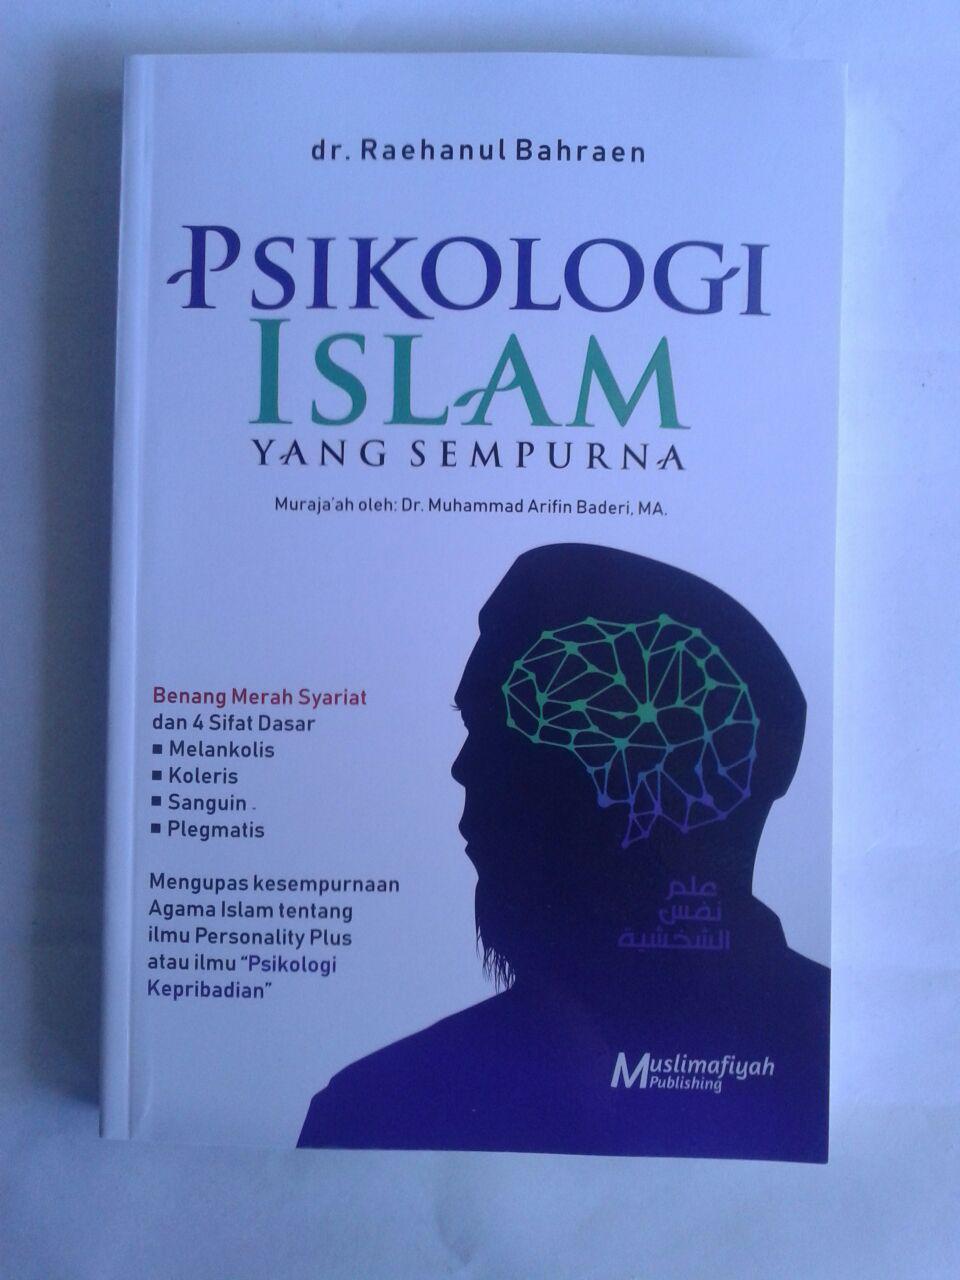 Buku Psikologi Islam Yang Sempurna cover 2